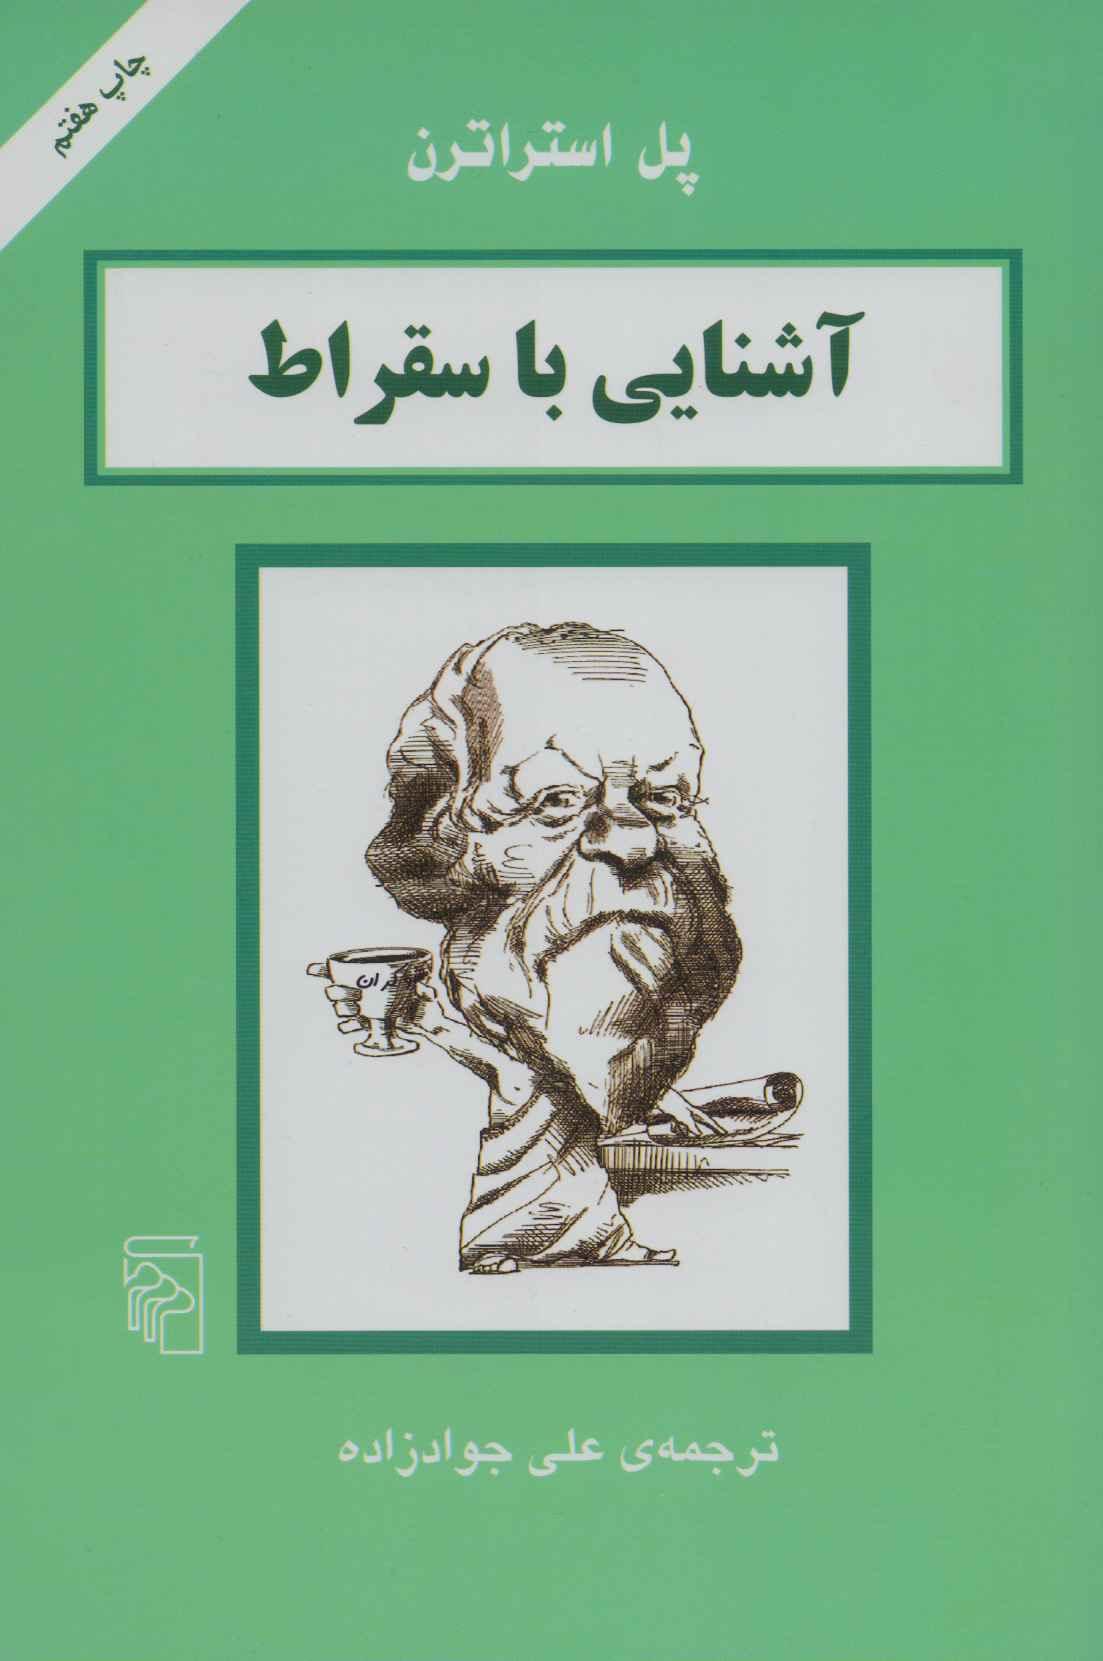 کتاب آشنایی با سقراط